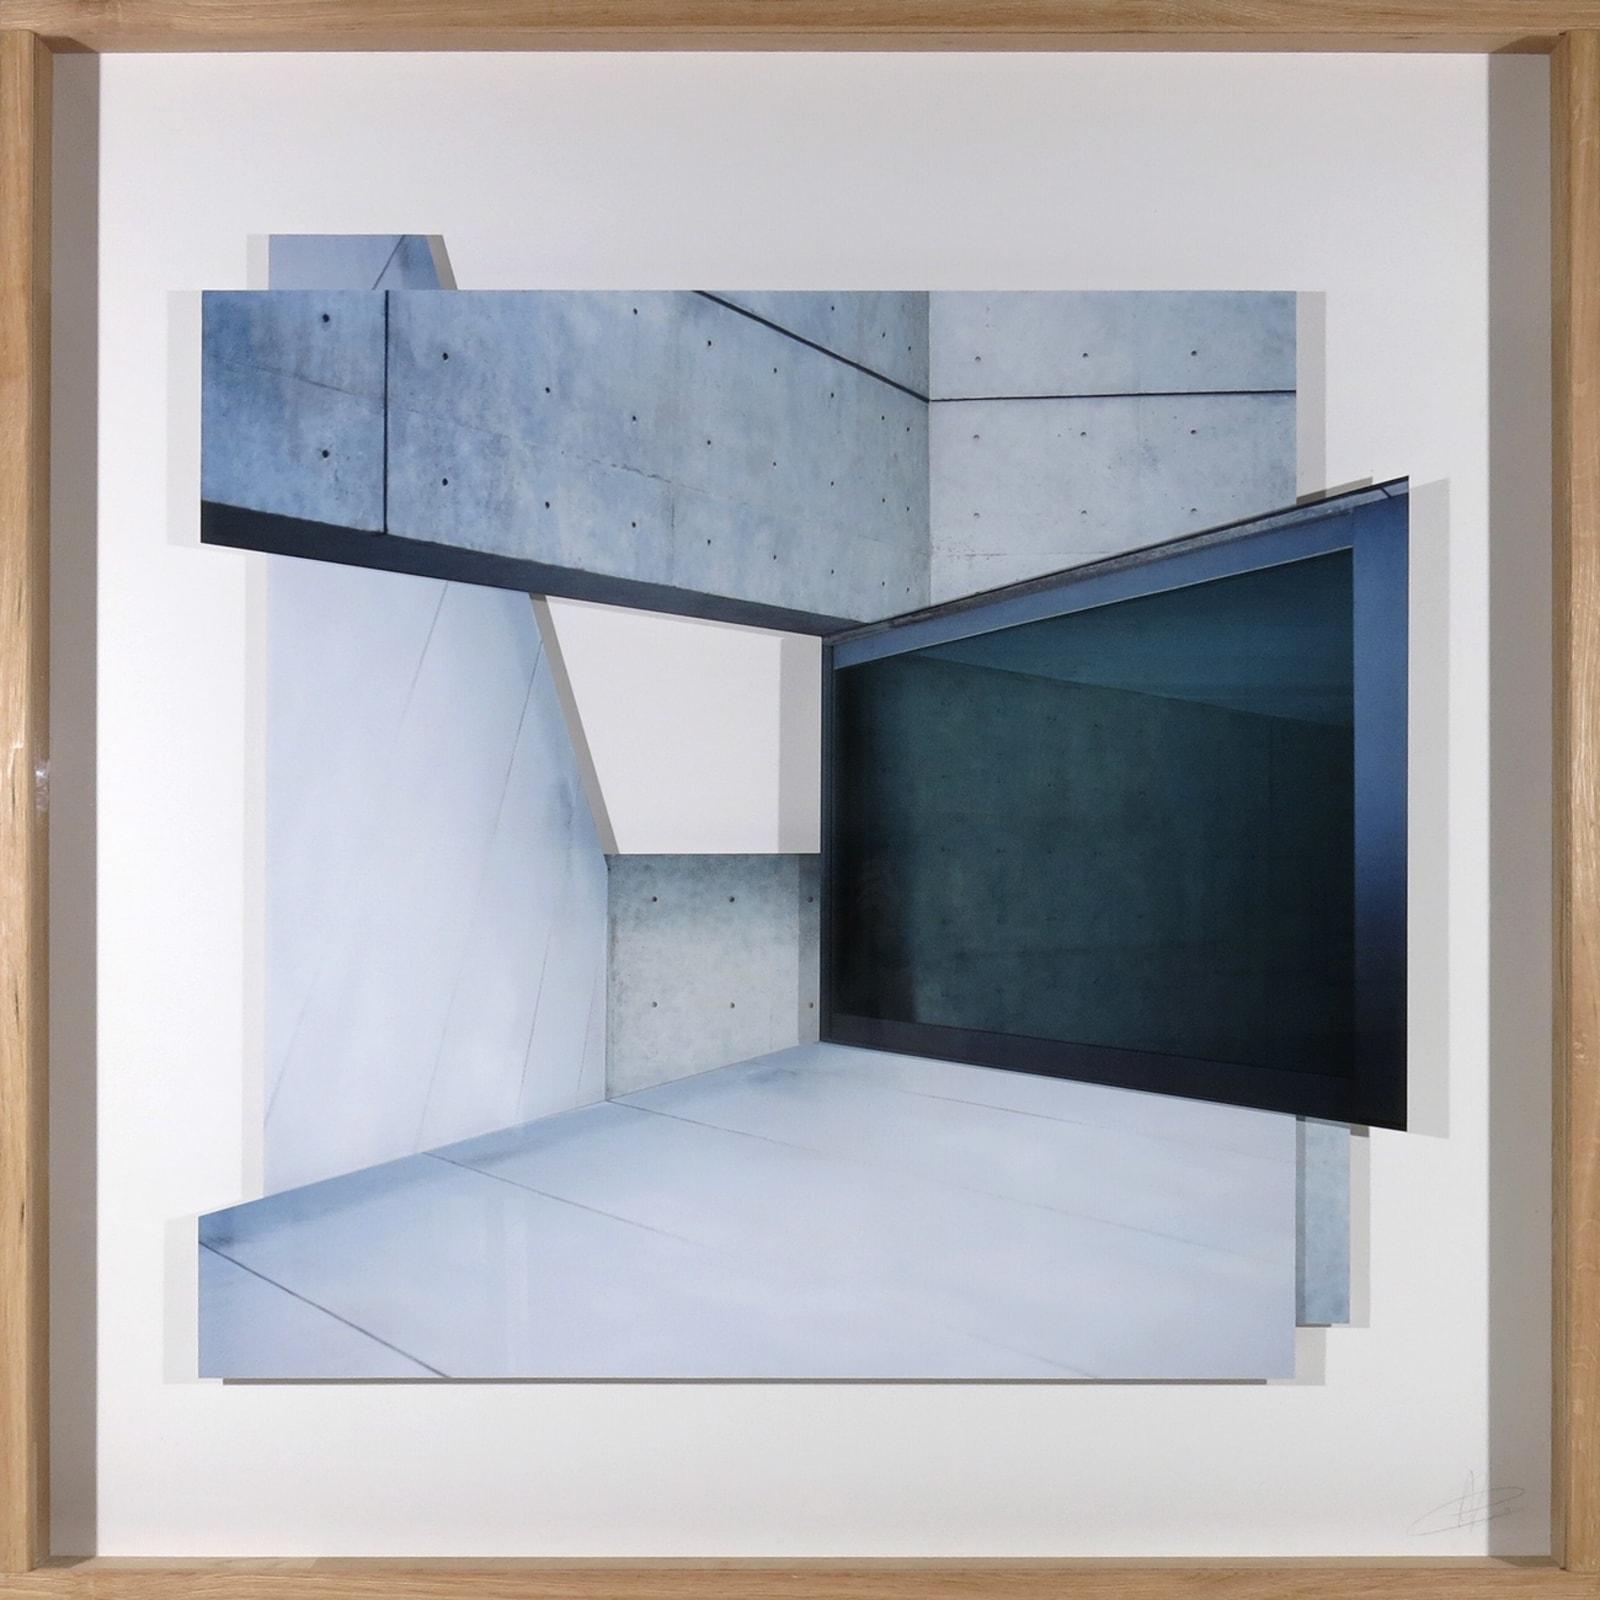 Patrik Grijalvo, Design Sight Tokyo / Tadao Ando, 2019